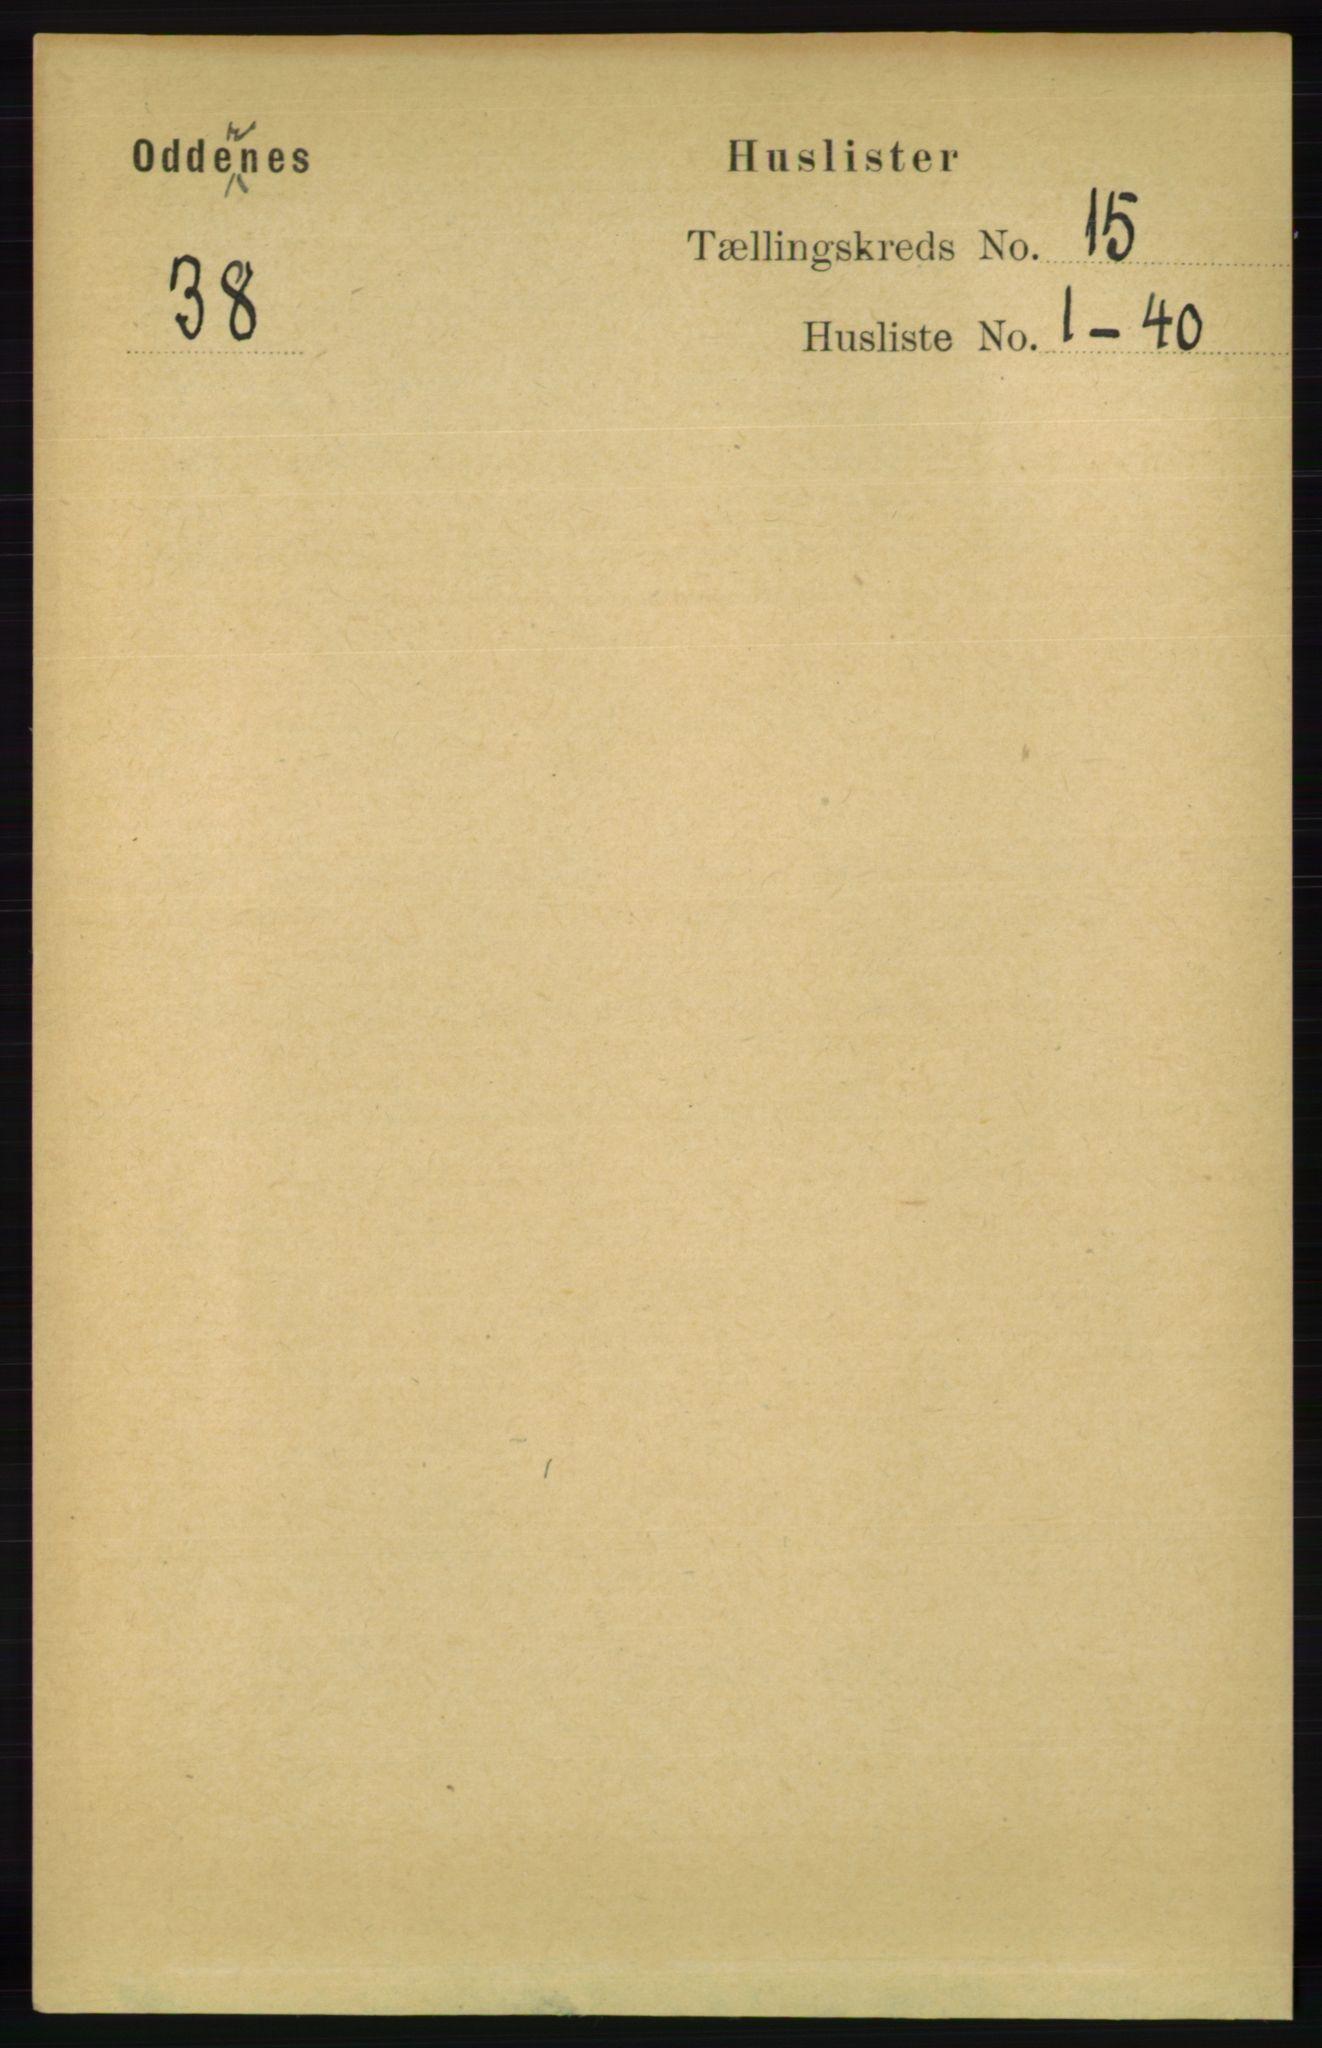 RA, Folketelling 1891 for 1012 Oddernes herred, 1891, s. 5009